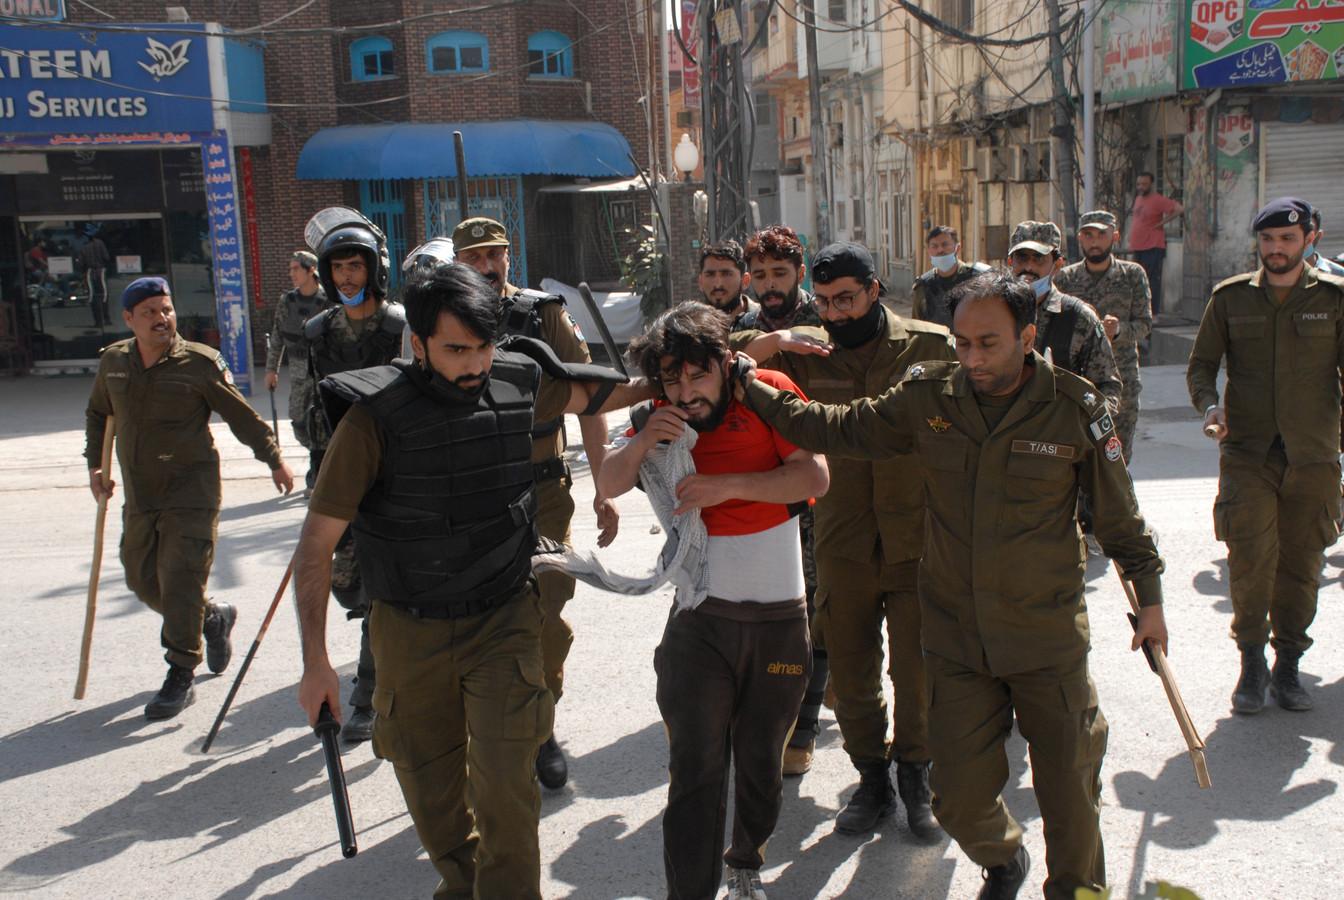 Een lid van de extremistische splinterpartij Tehreek-e-Labbaik Pakistan (TLP) wordt opgepakt in Pakistan.